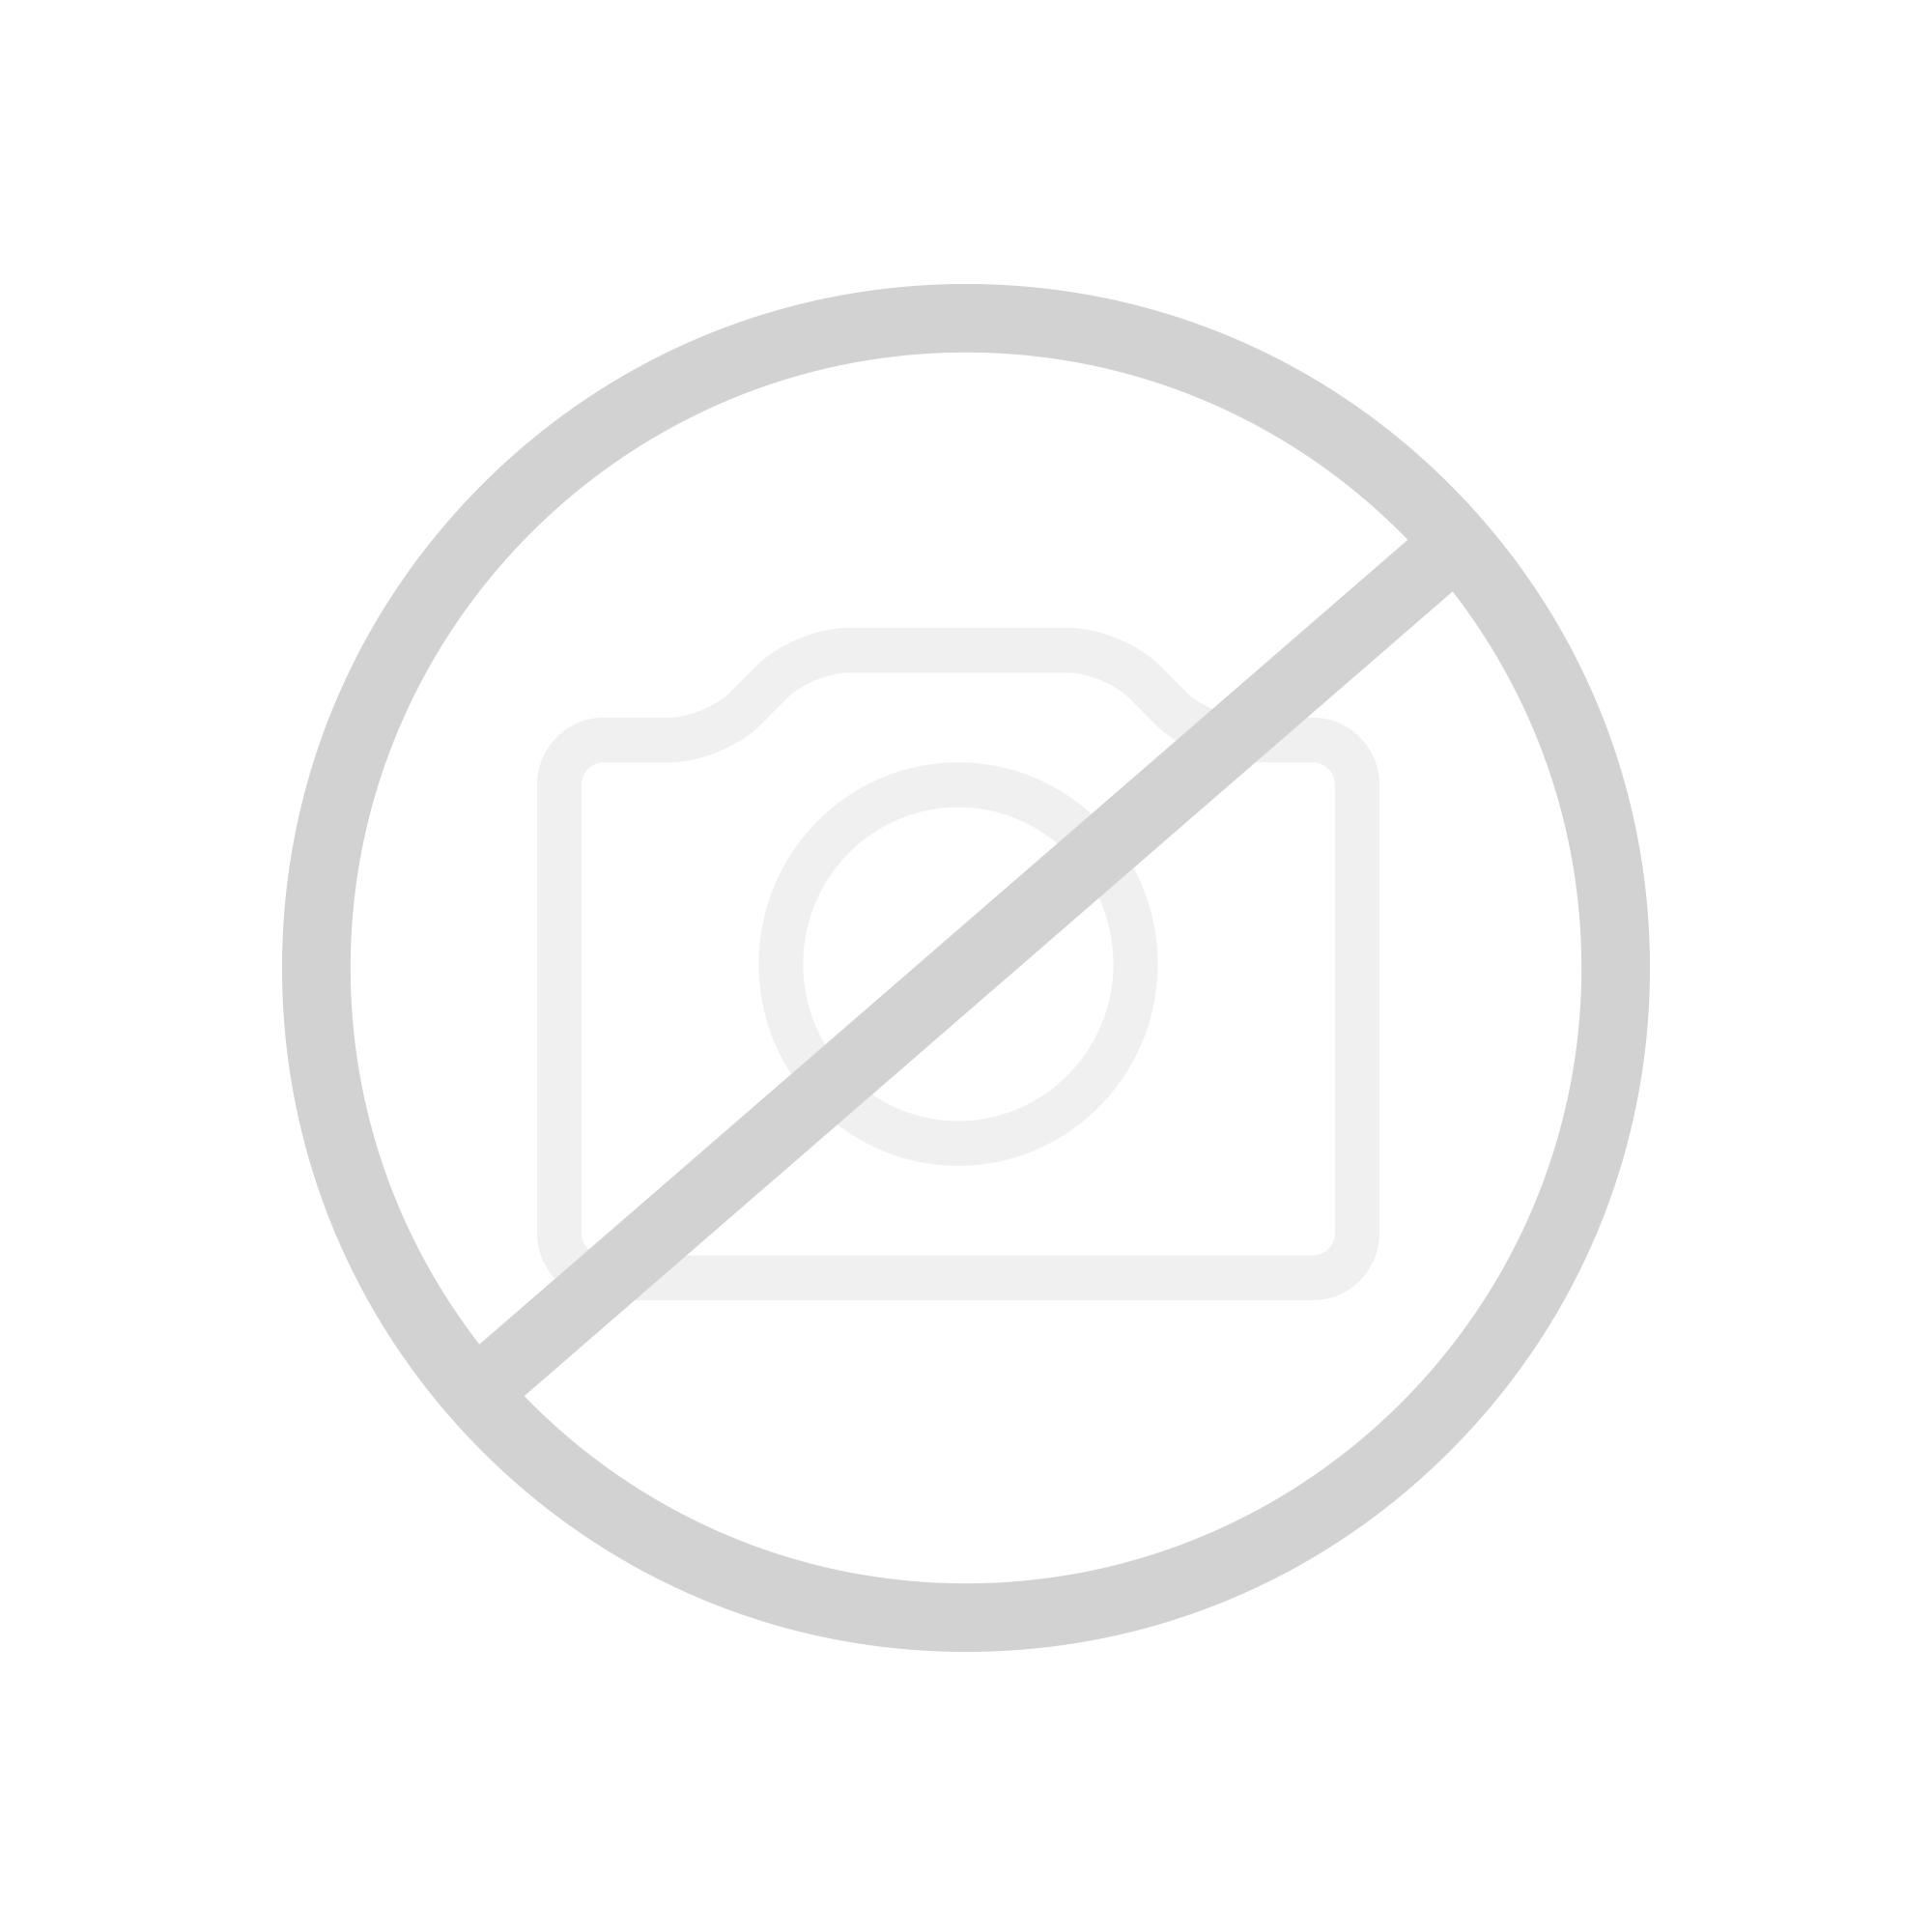 Hansgrohe Metris Einhebel-Waschtischmischer 230, mit Schwenkauslauf, mit Ablaufgarnitur